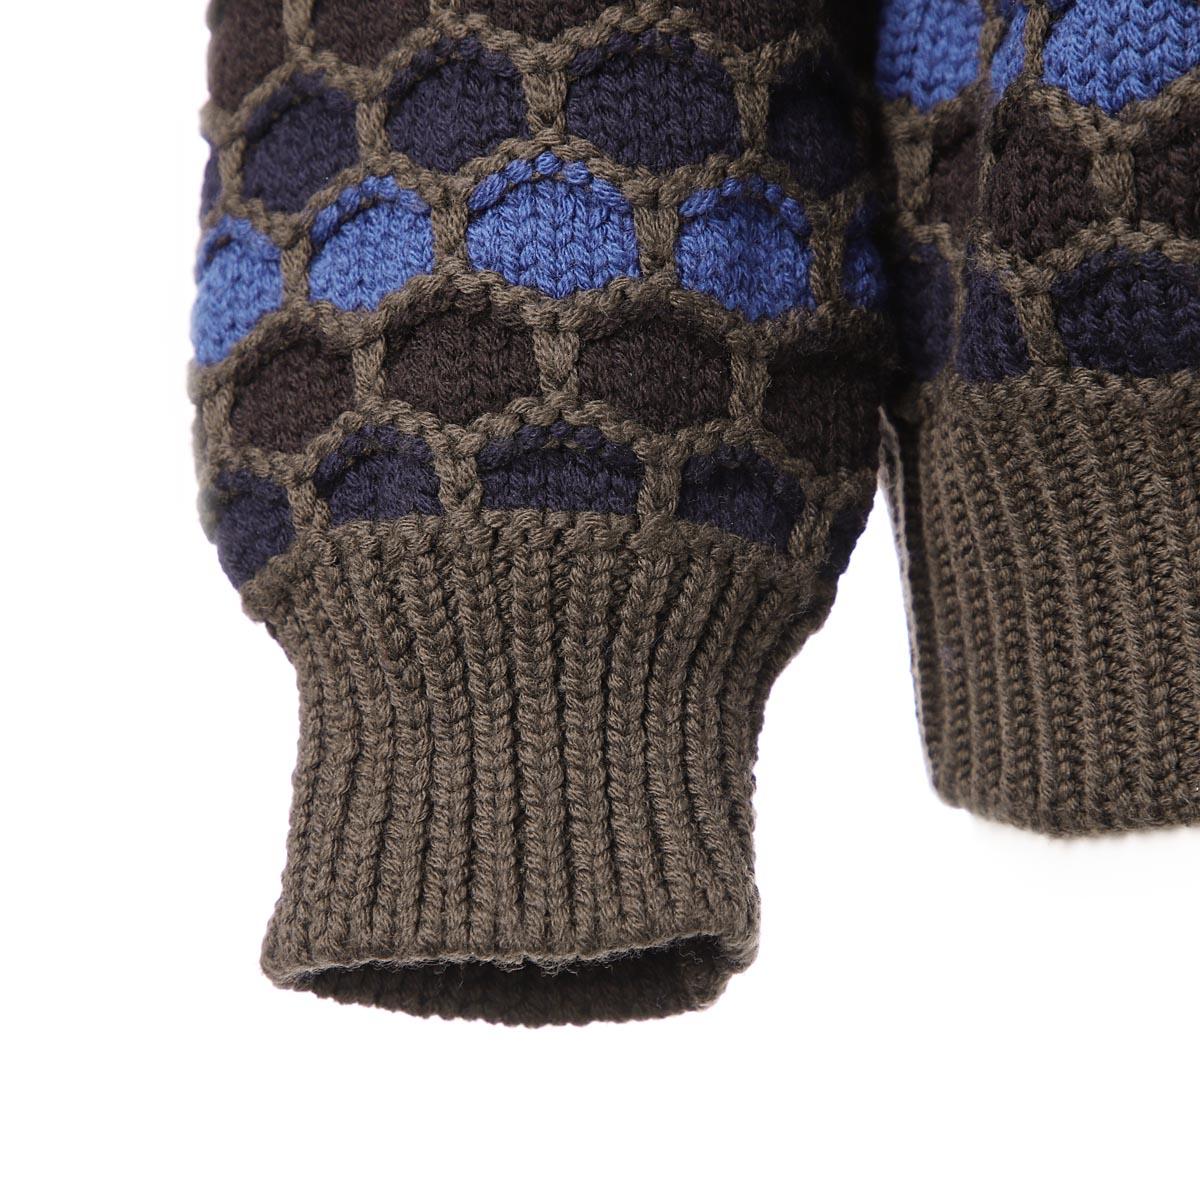 【アウトレット】DRUMOHR ドルモア セーター【大きいサイズあり】 メンズ